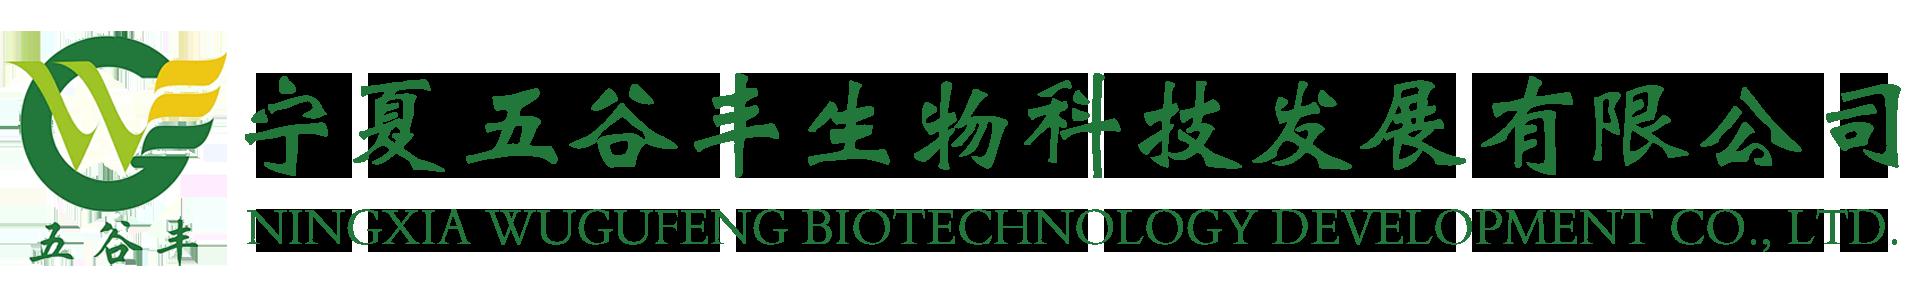 宁夏五谷丰生物科技发展有限公司